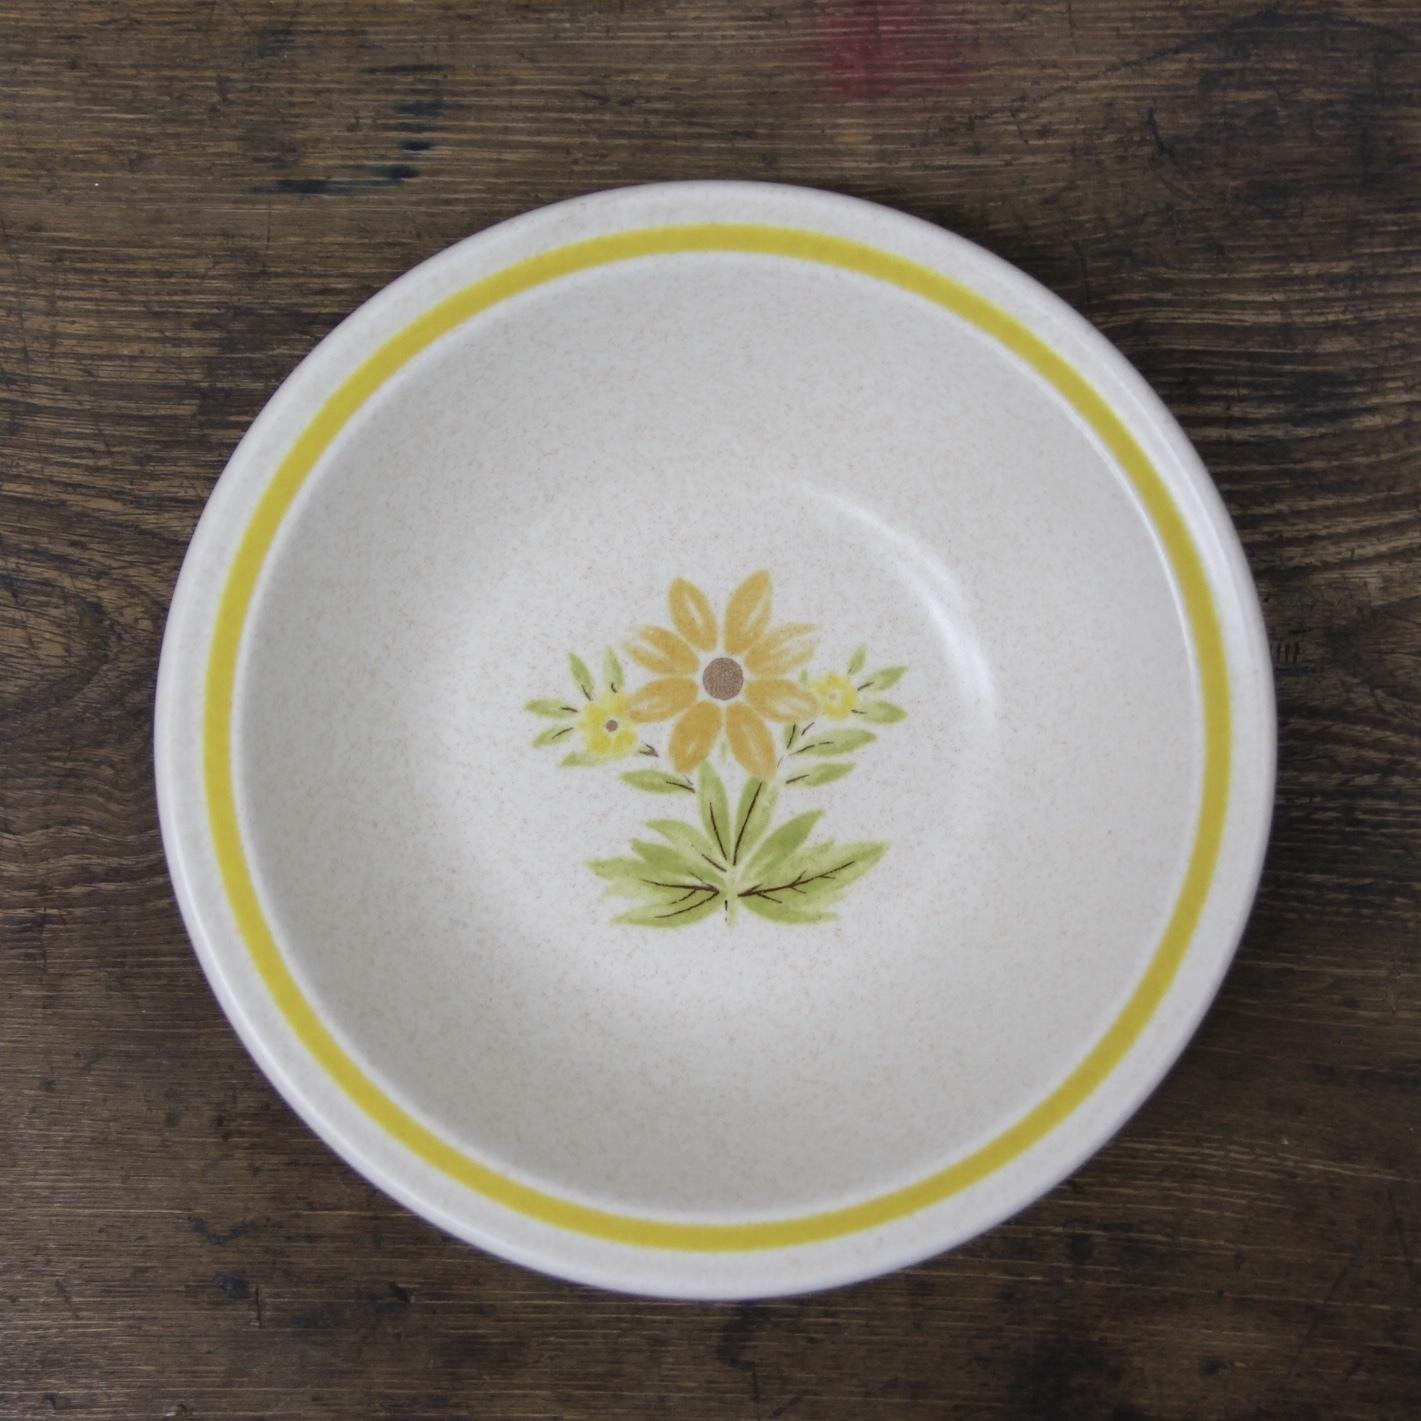 NIKKO 花柄ボウル皿 在庫1枚